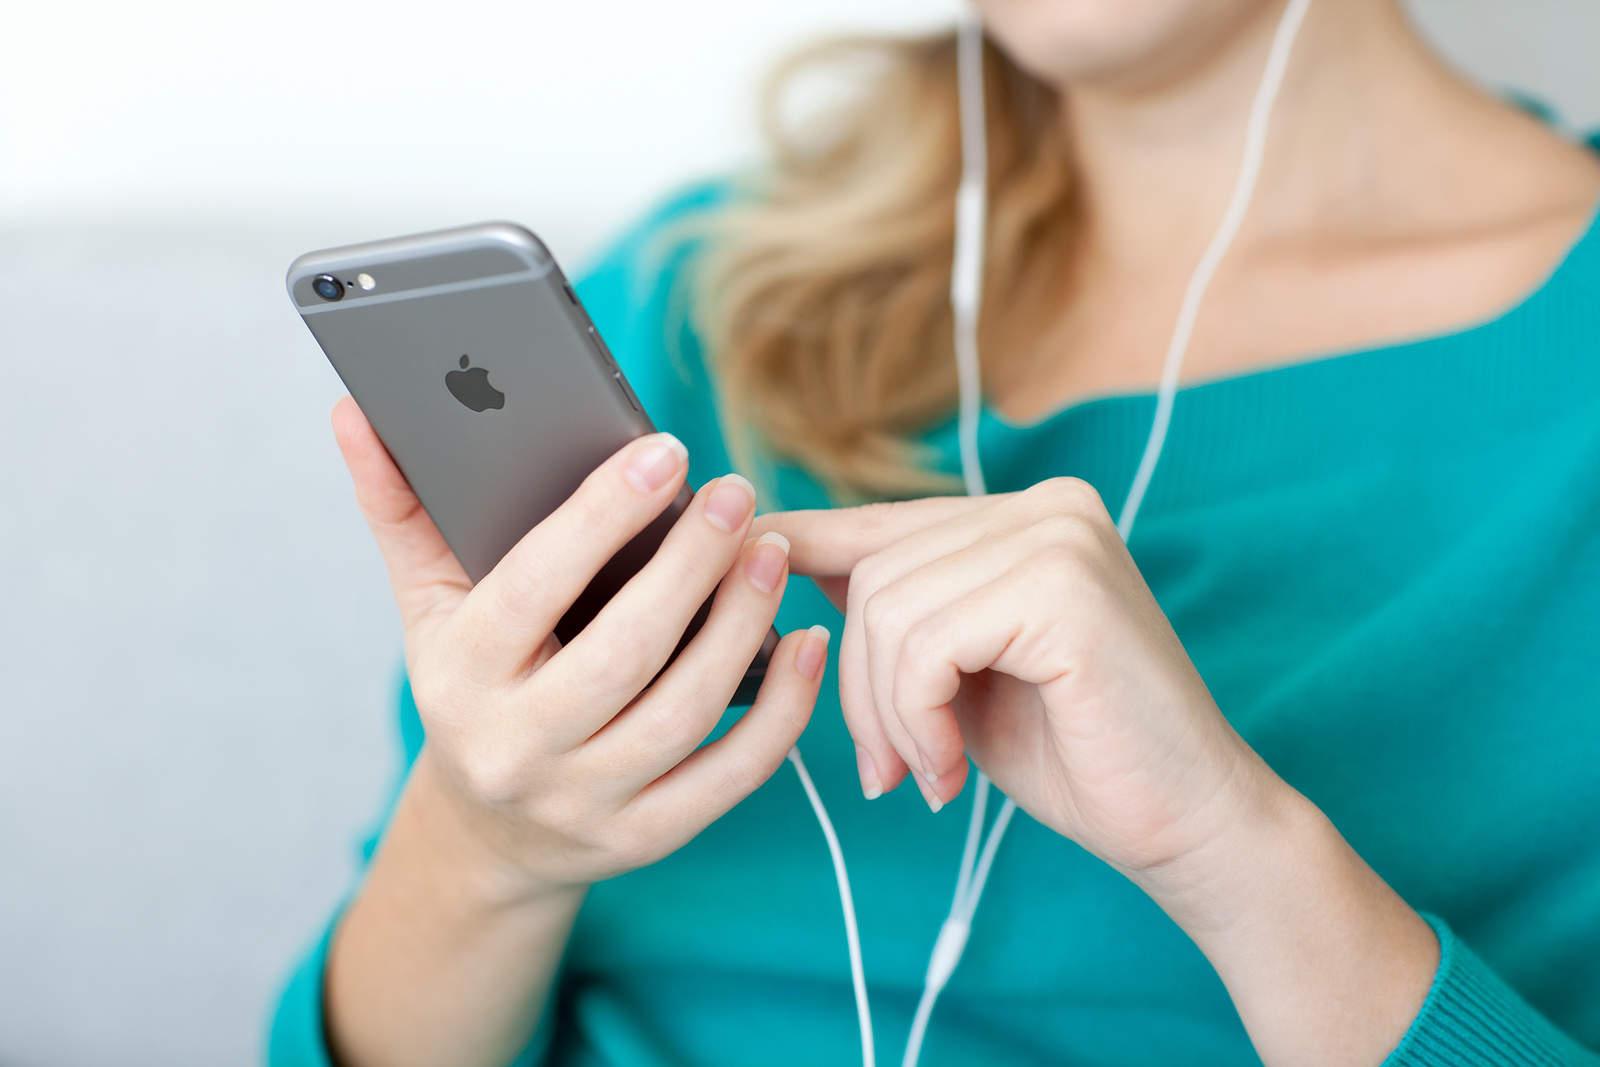 تحسين-جودة-الصوت-على-هواتف-الآيفون